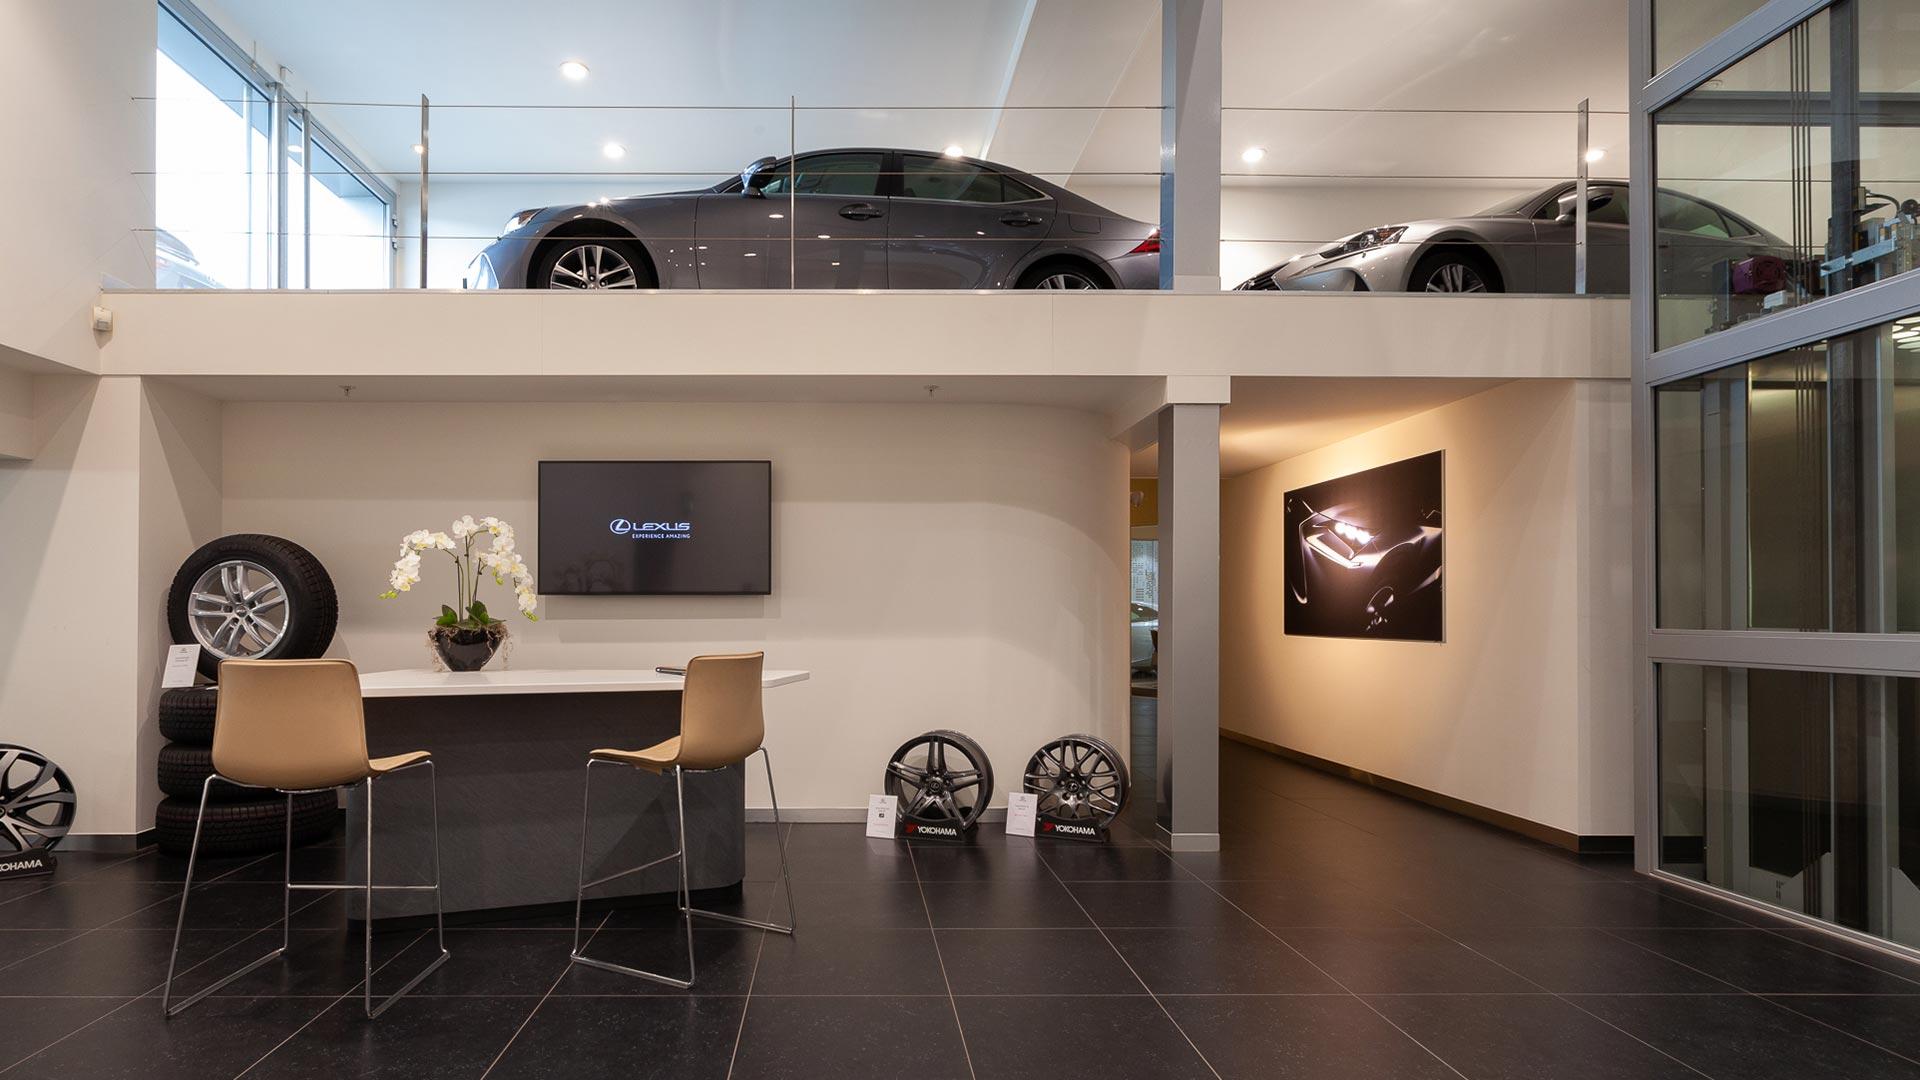 Afbeelding van het pand van Lexus Amsterdam